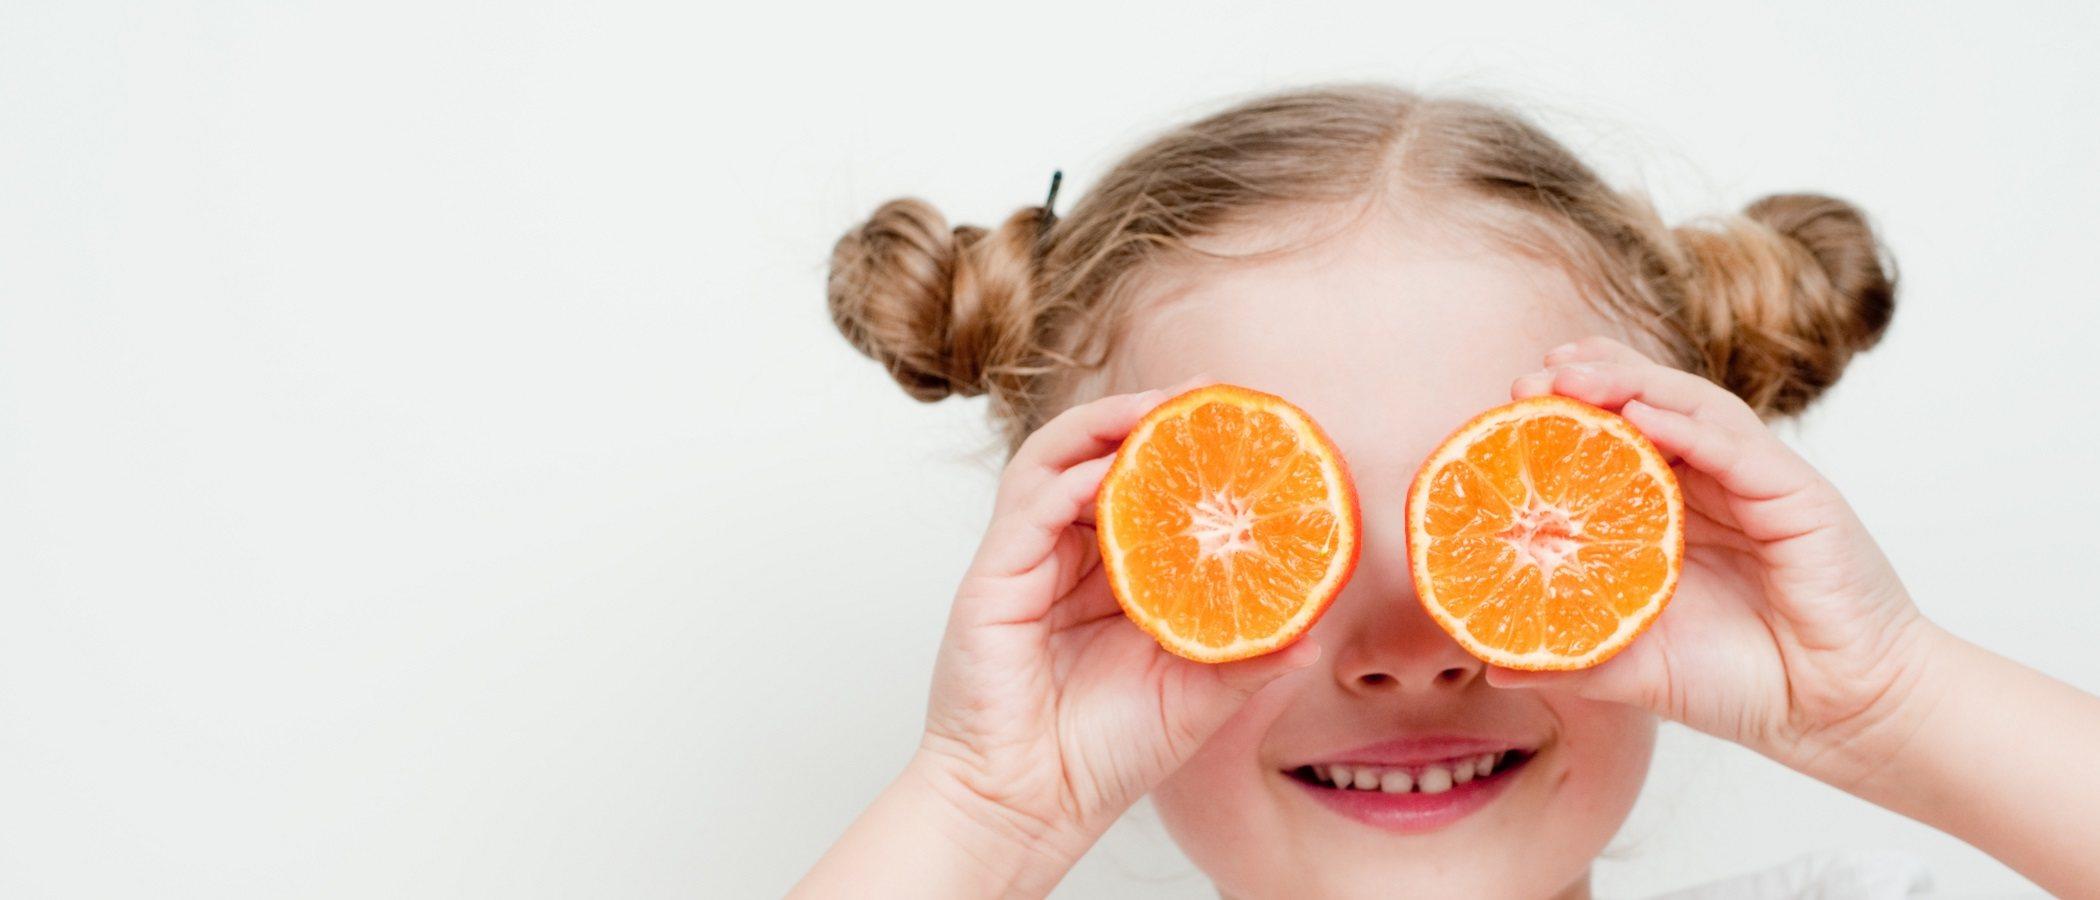 ¿Es bueno darles vitaminas a los niños?